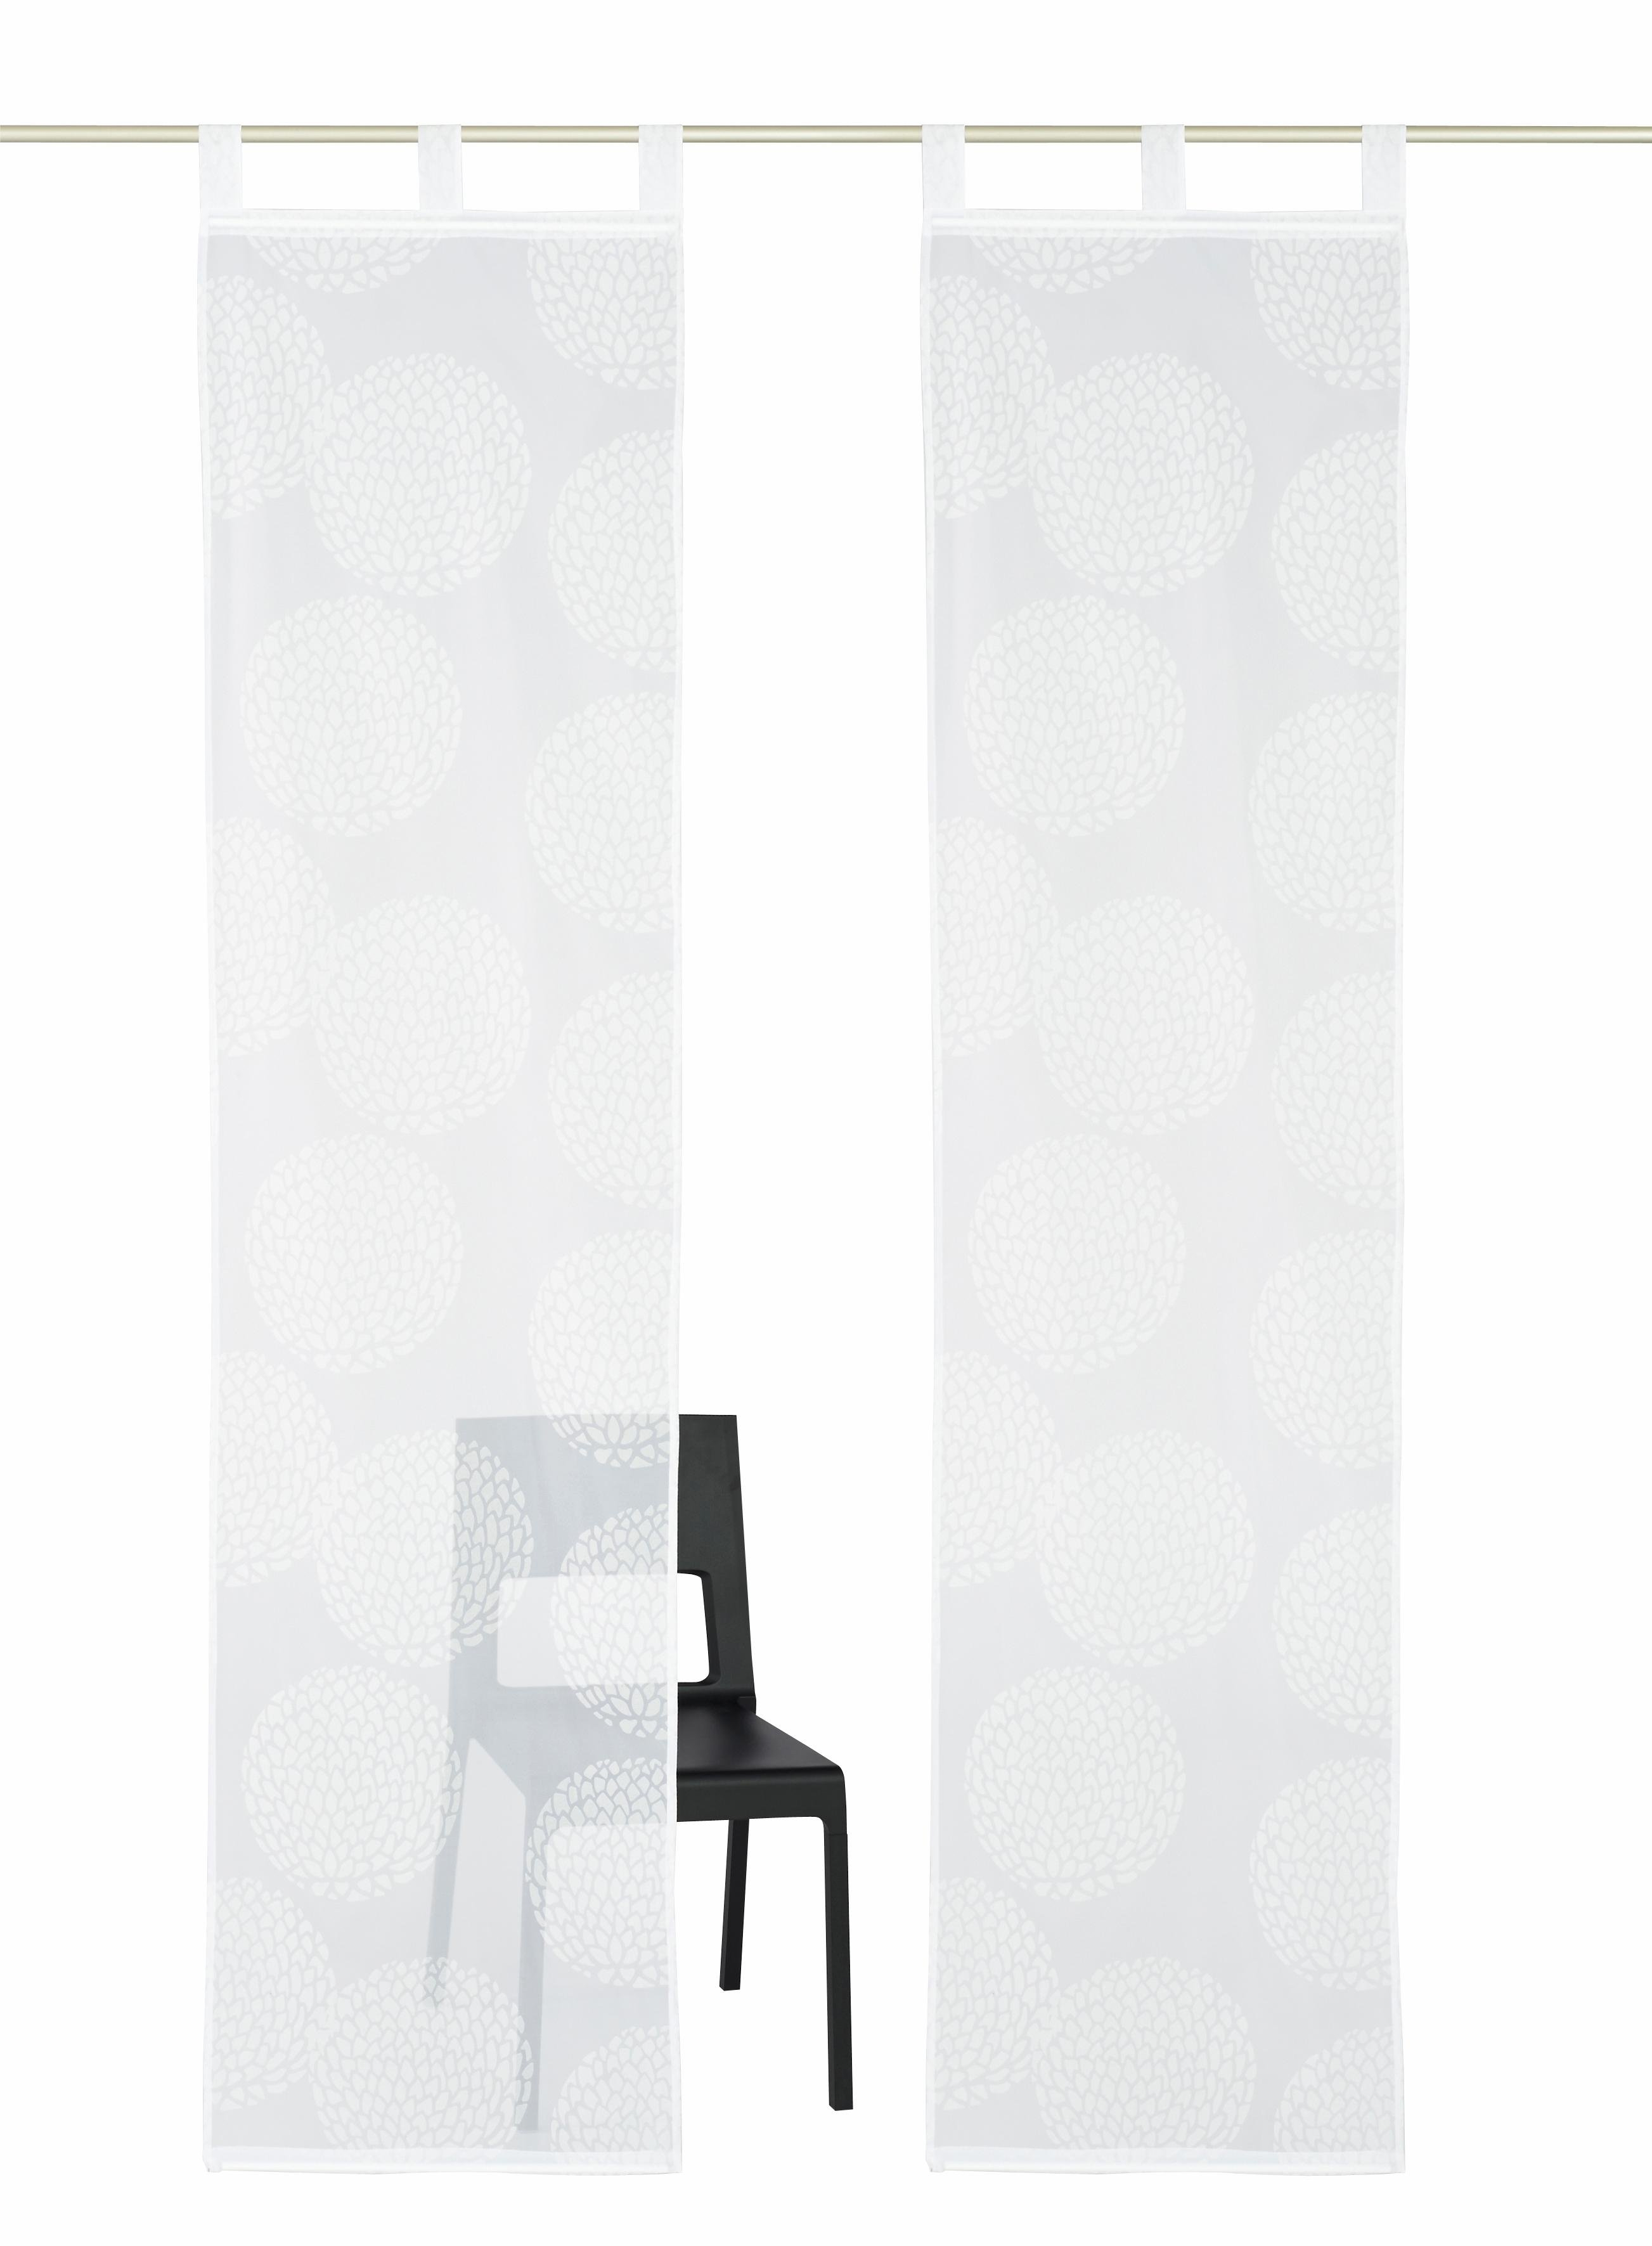 my home paneelgordijn Belem Kant-en-klaargordijn, inclusief verzwaringsstang, transparant (2 stuks) goedkoop op otto.nl kopen